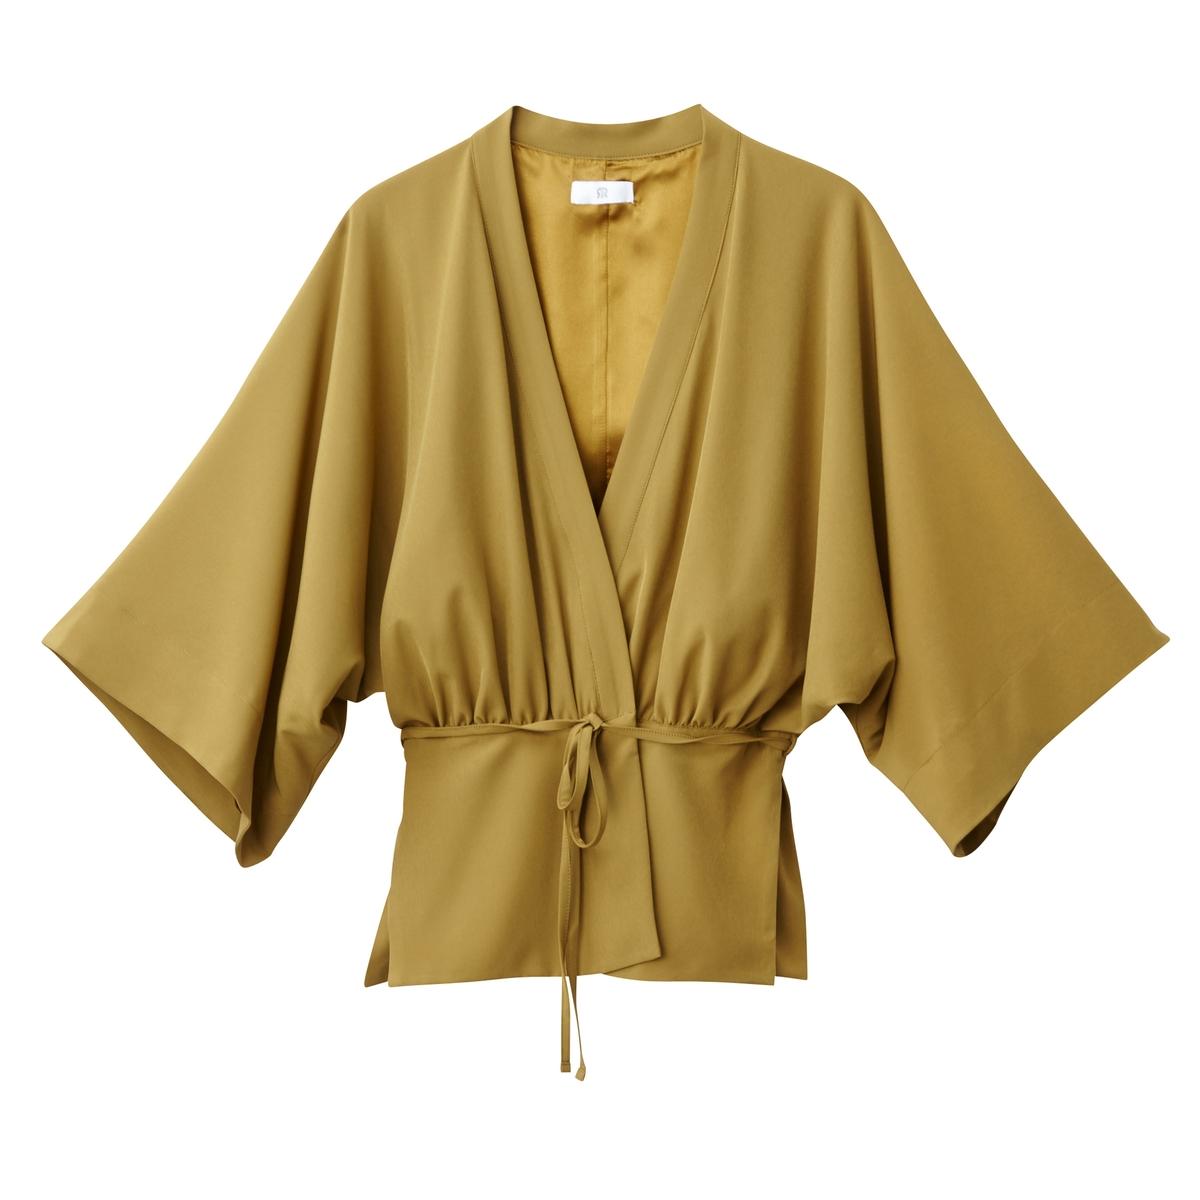 Chaqueta ligera estilo kimono con manga 3/4, anudada en la cintura